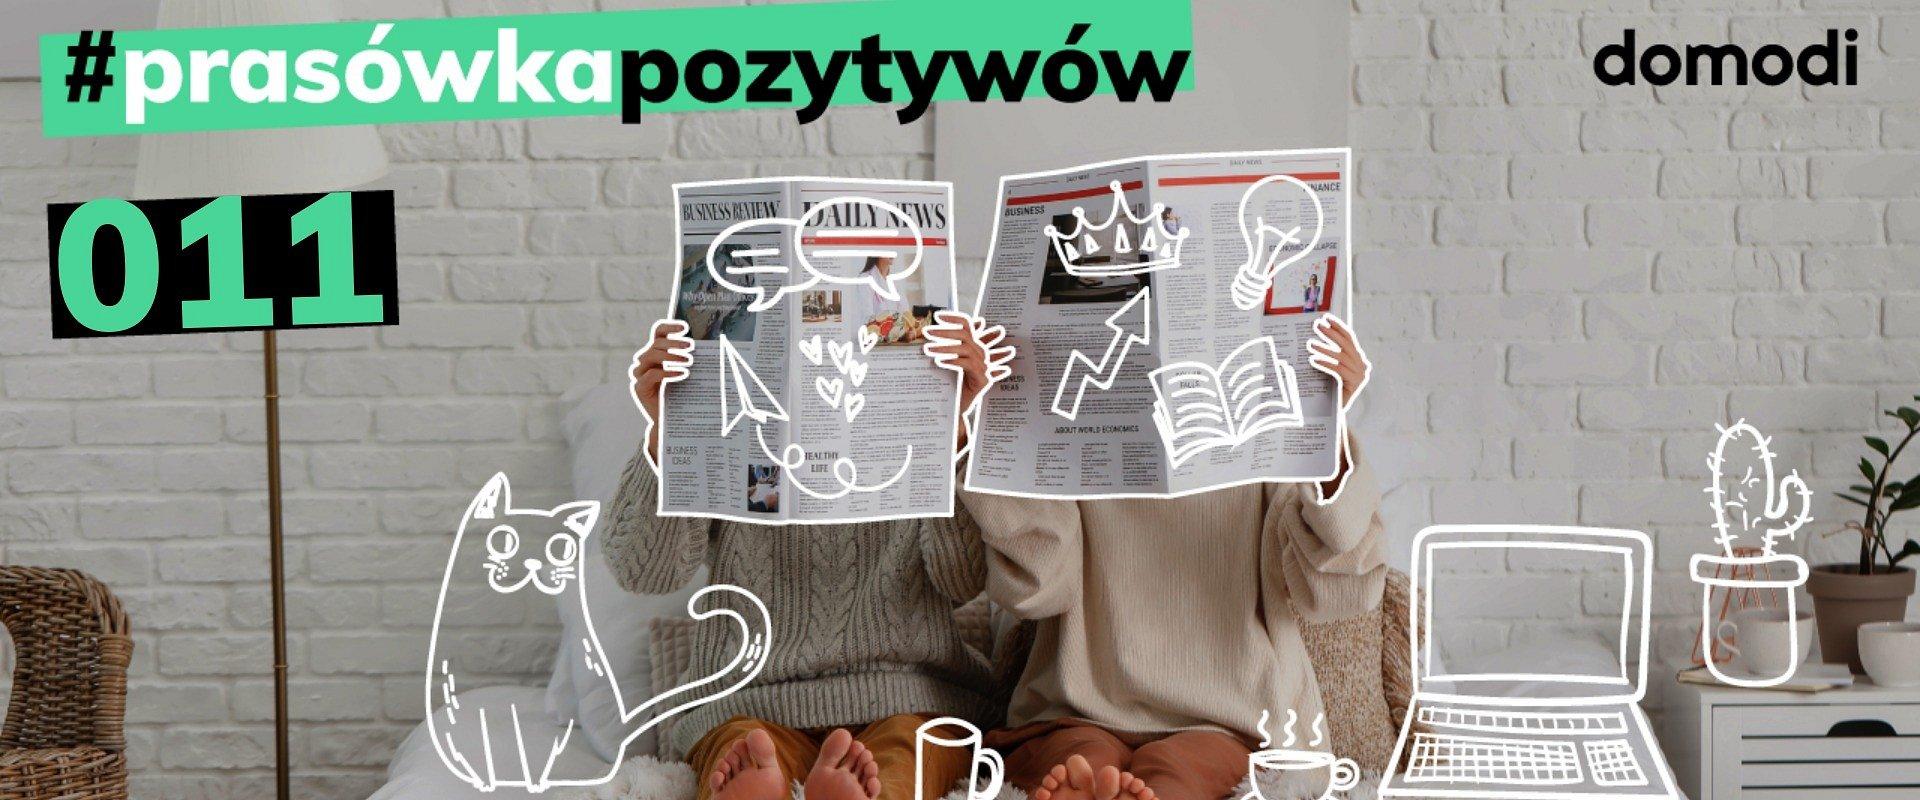 #prasówkapozytywów vol.11